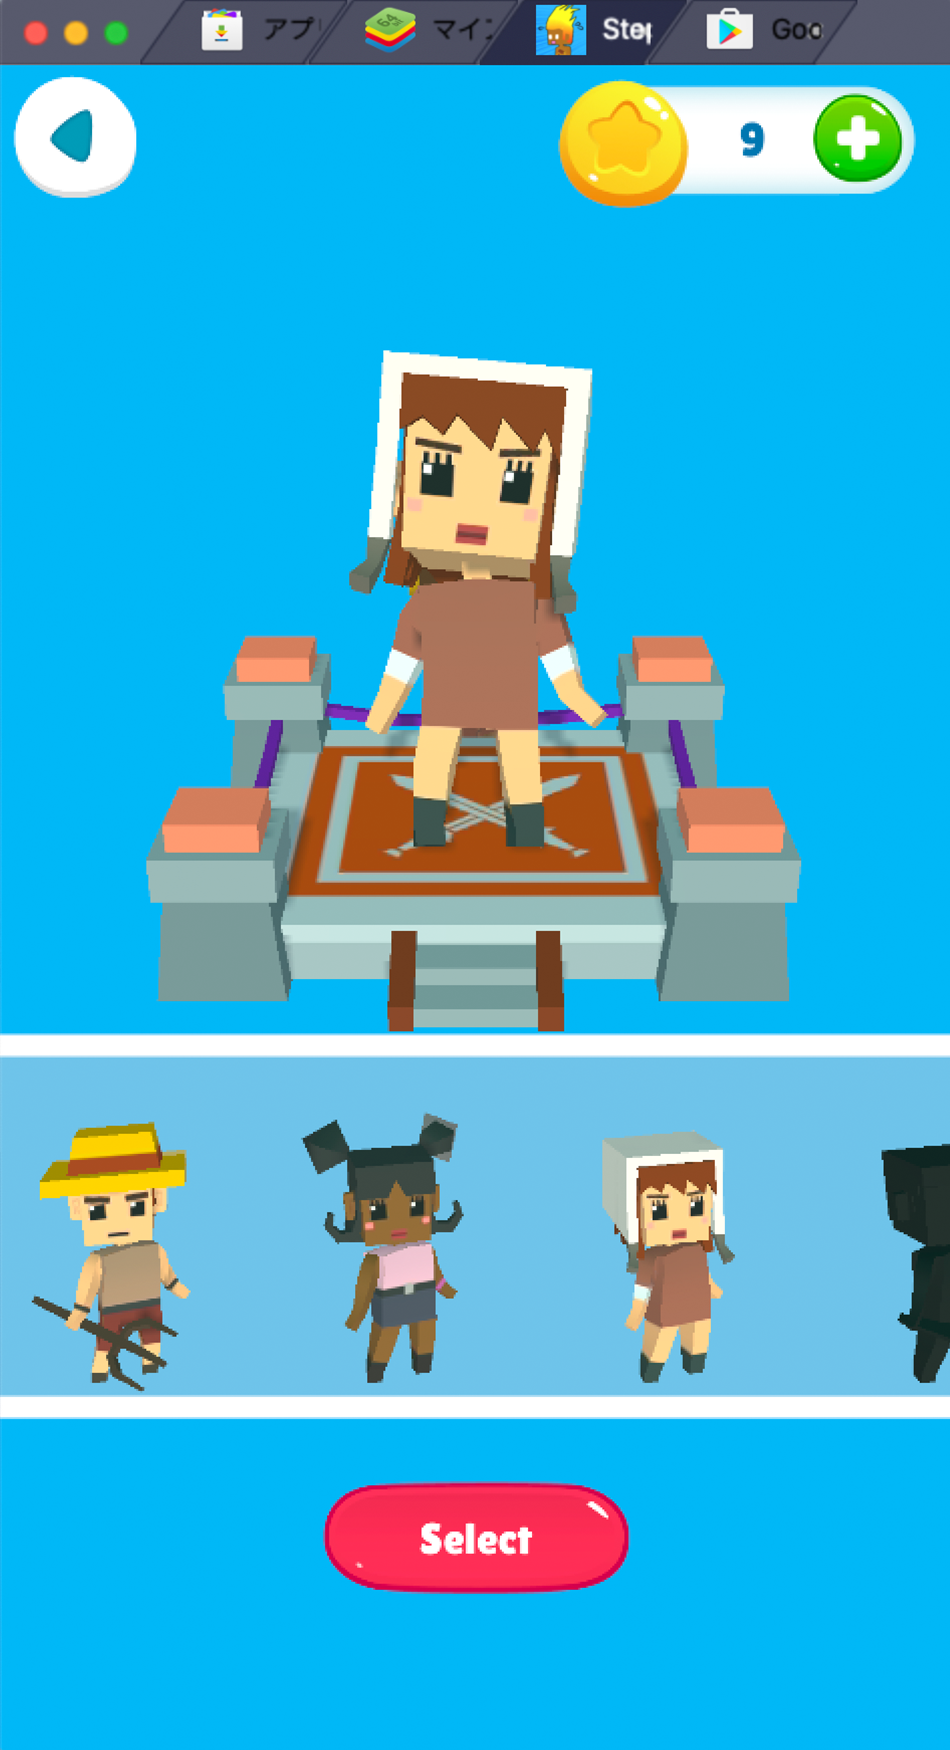 BlueStacksを使ってPCで『Stepping Blocks 』を遊ぼう